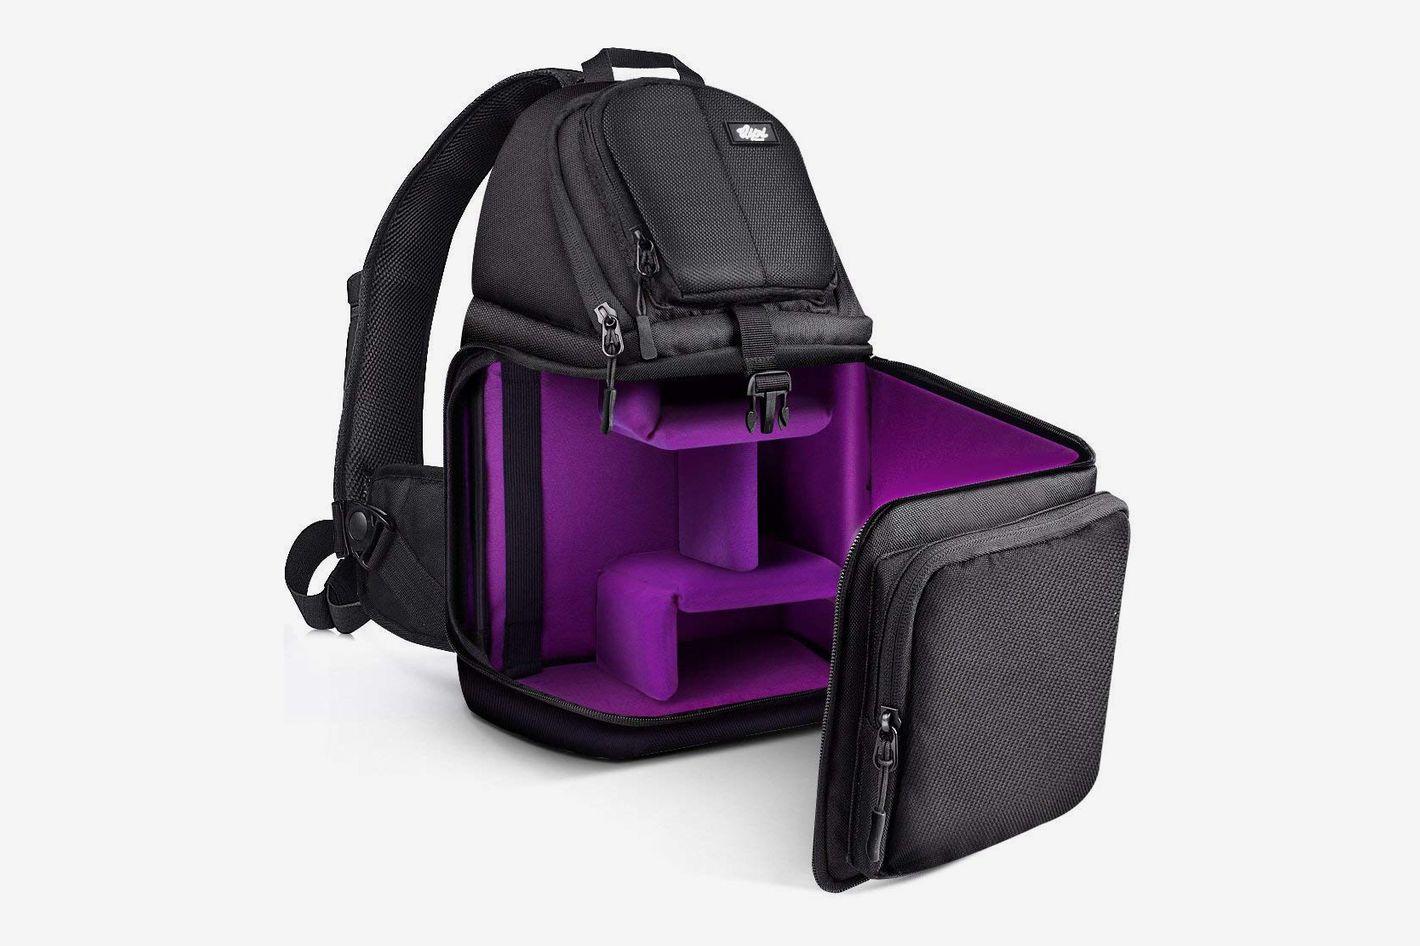 Qipi Camera Bag - Sling Bag Style Camera Case Backpack